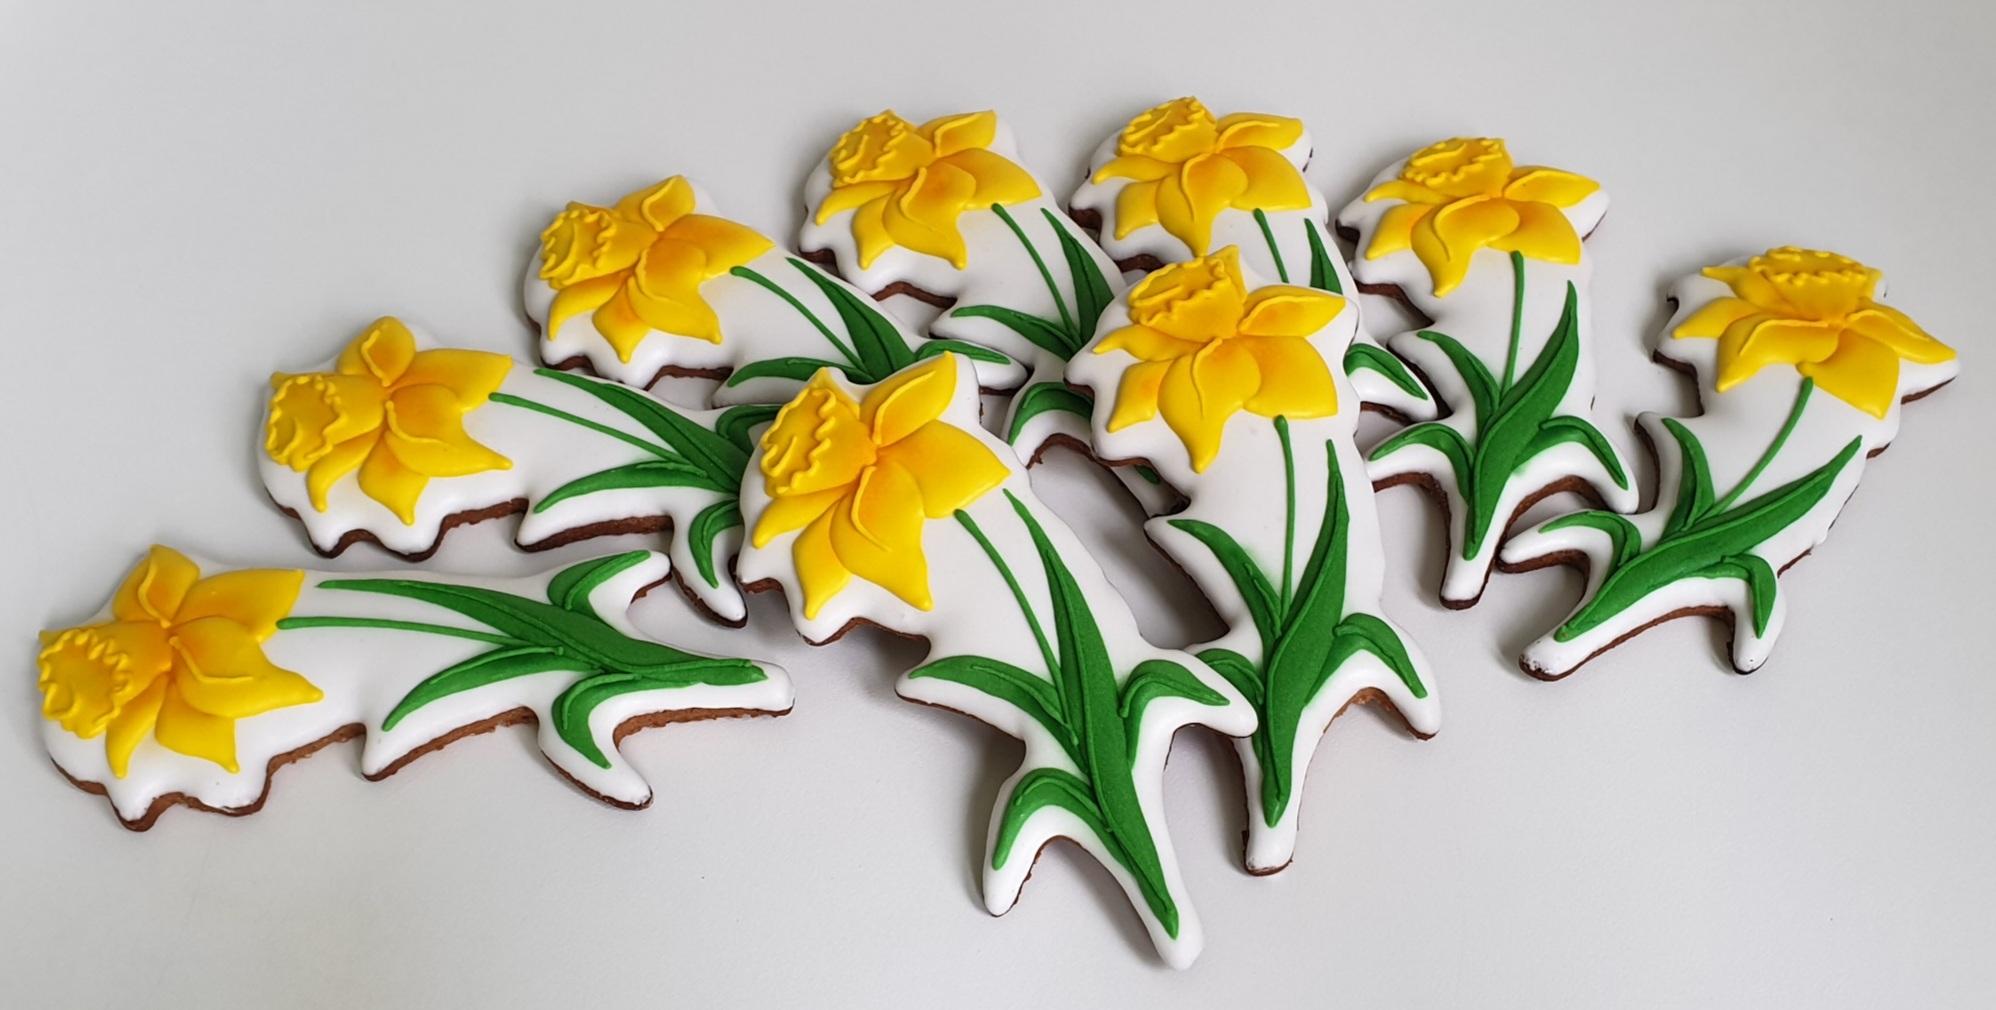 Ciasteczka Wielkanocne - żonkil, kwiaty, narcyz, ciasteczka wielkanocne, dekoracje wielkanocne, lukrowane ciasteczka Basia sweets